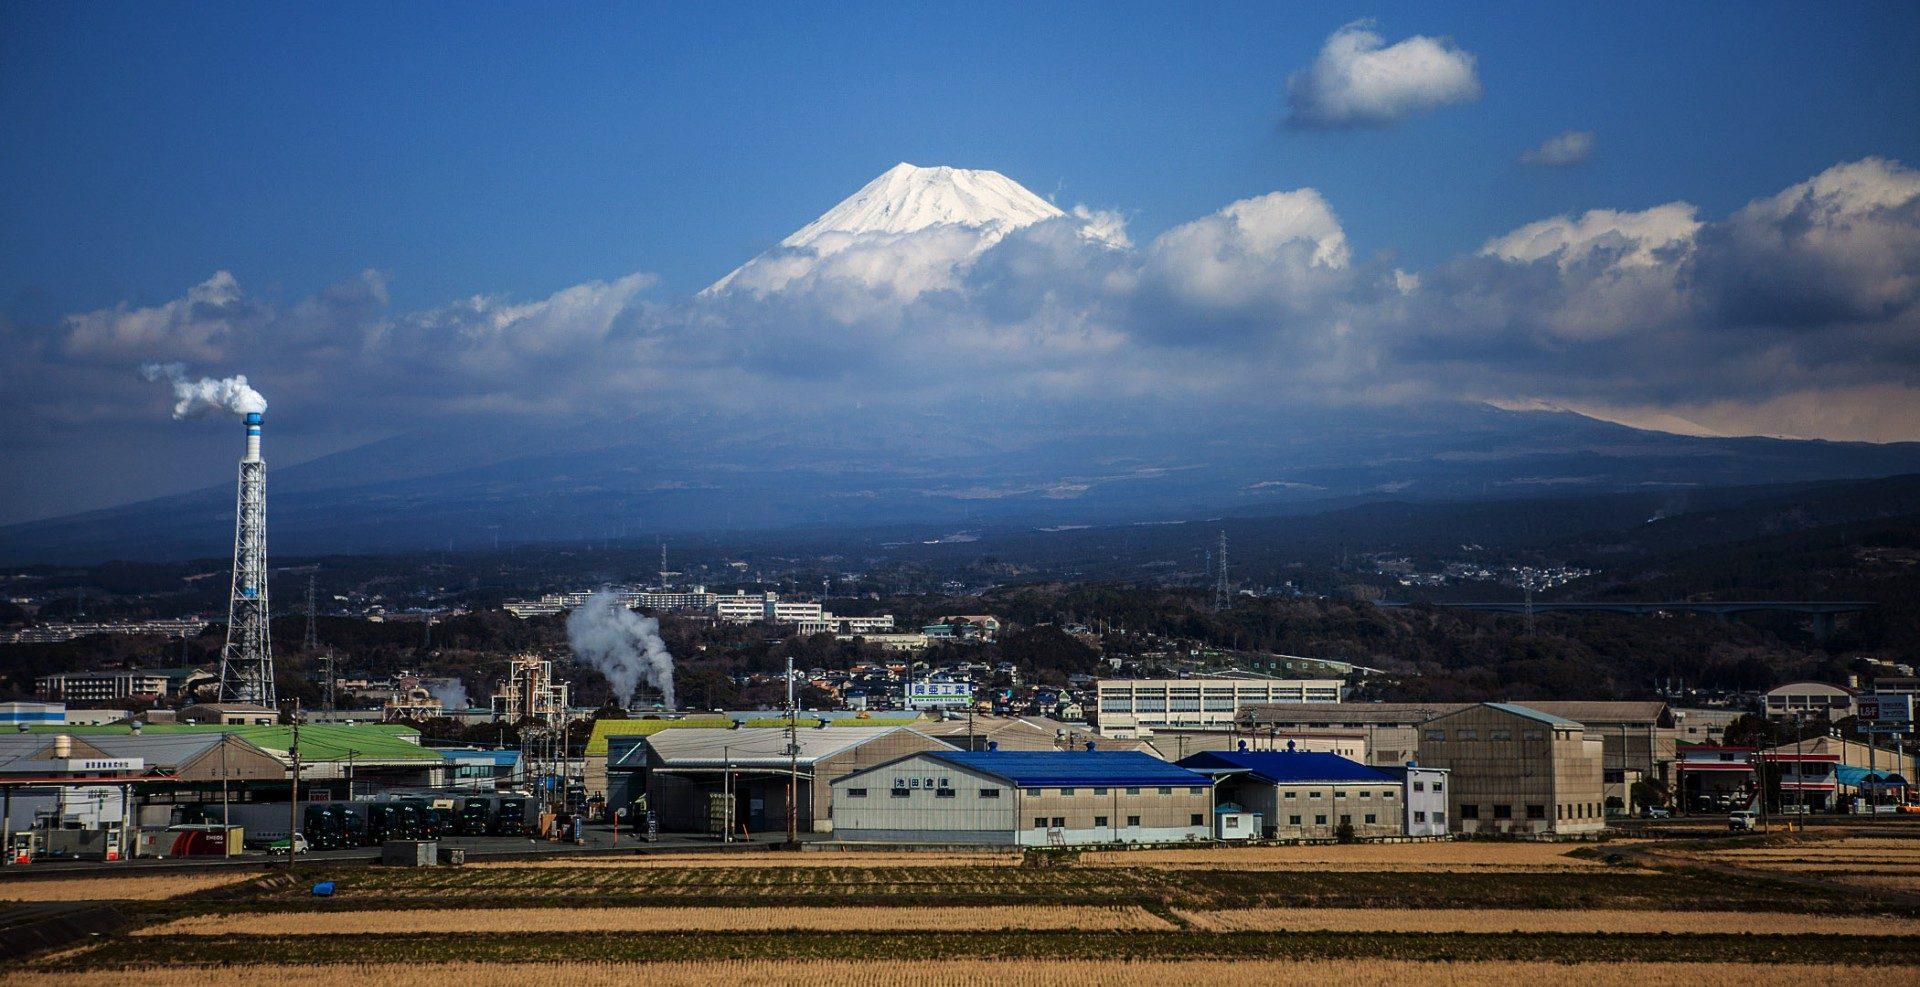 vulcano Fuji-GEO photographer